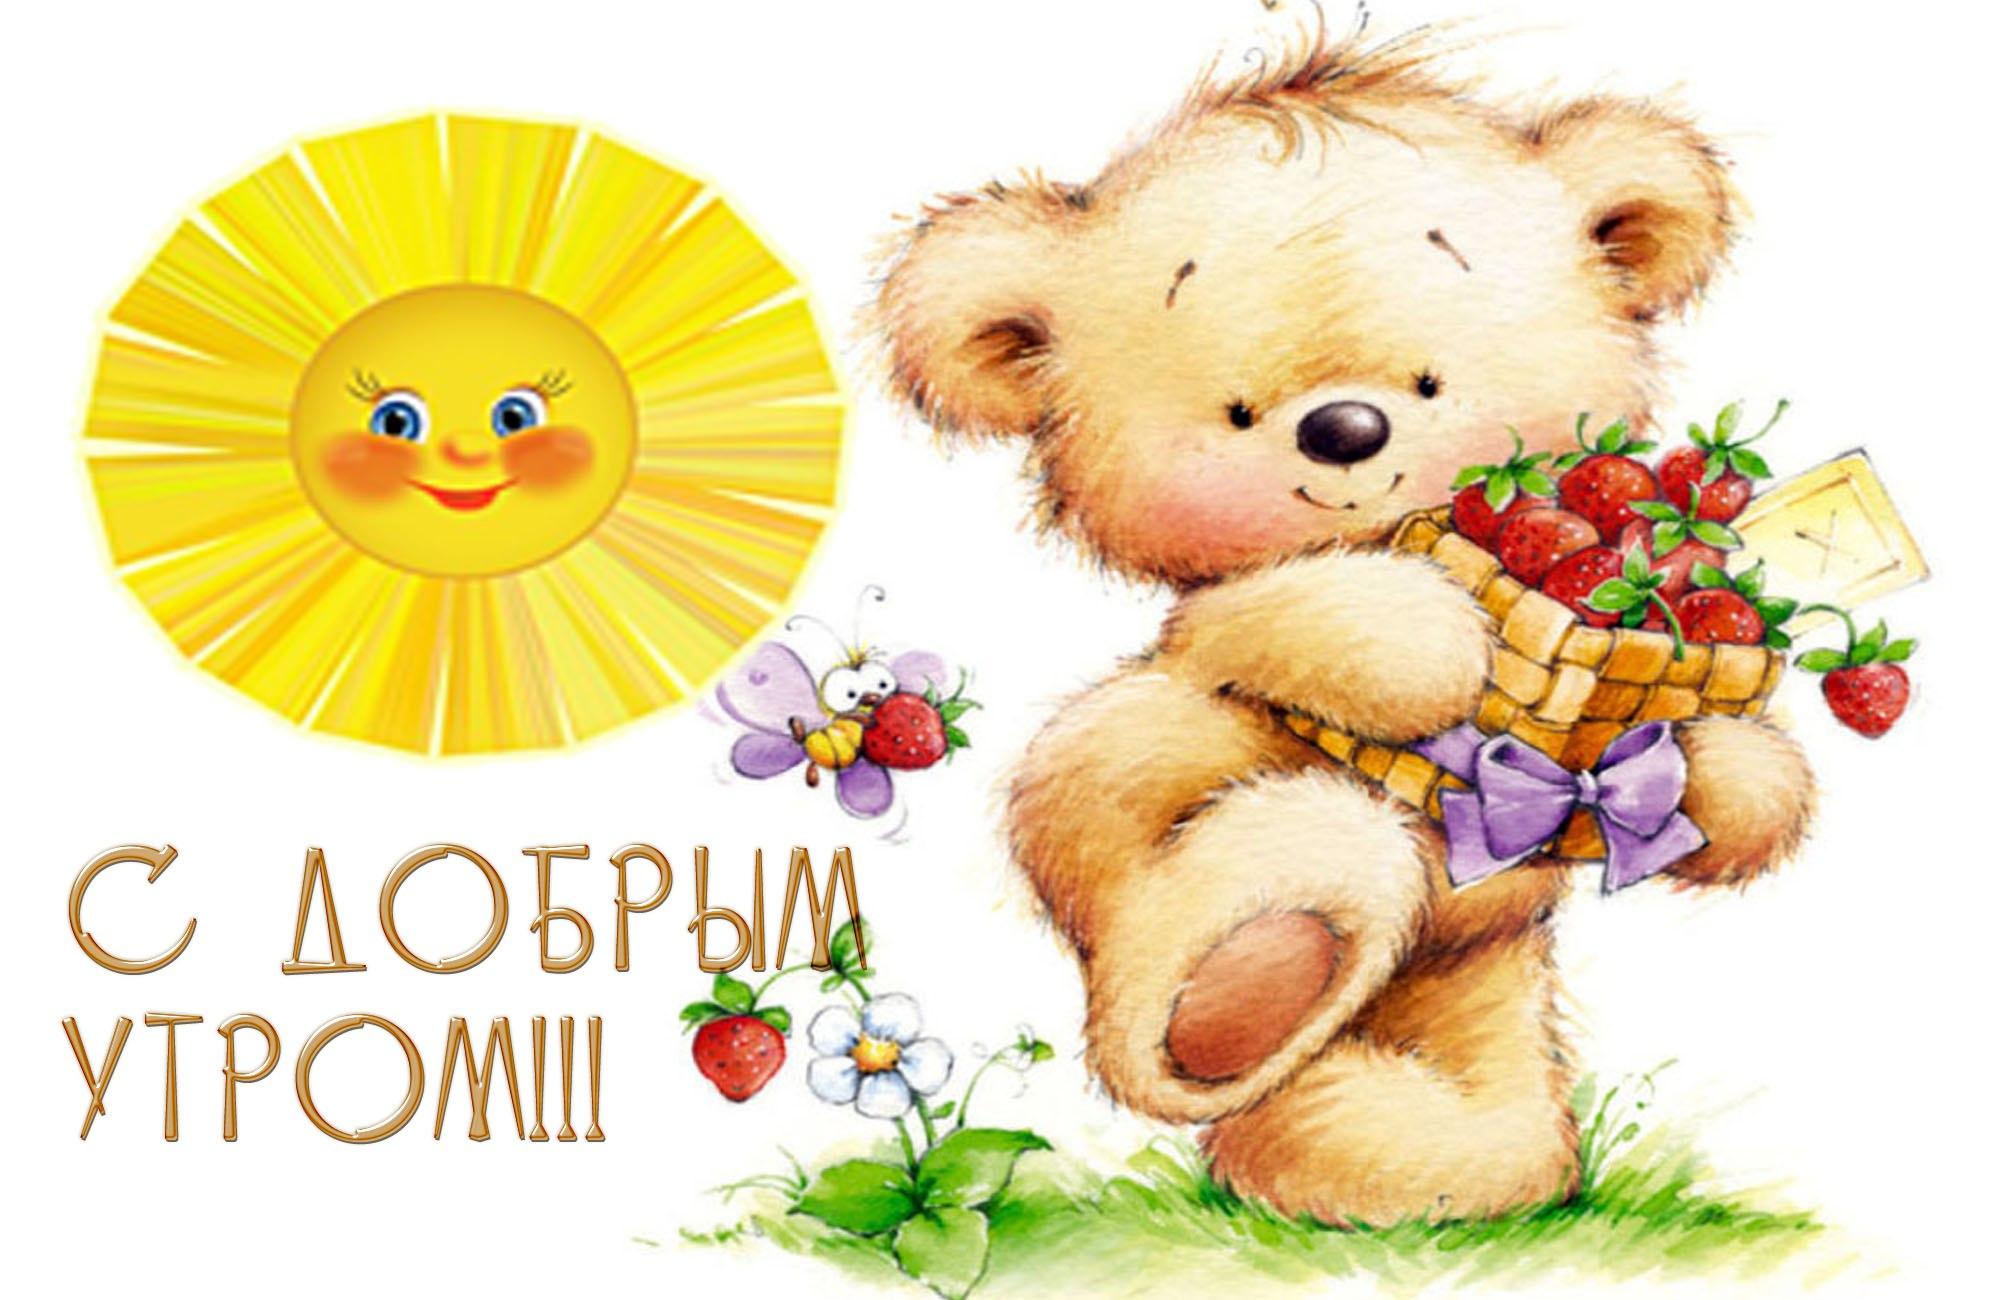 Доброго утра медвежонок - Доброе утро - Анимационные блестящие картинки GIF 287